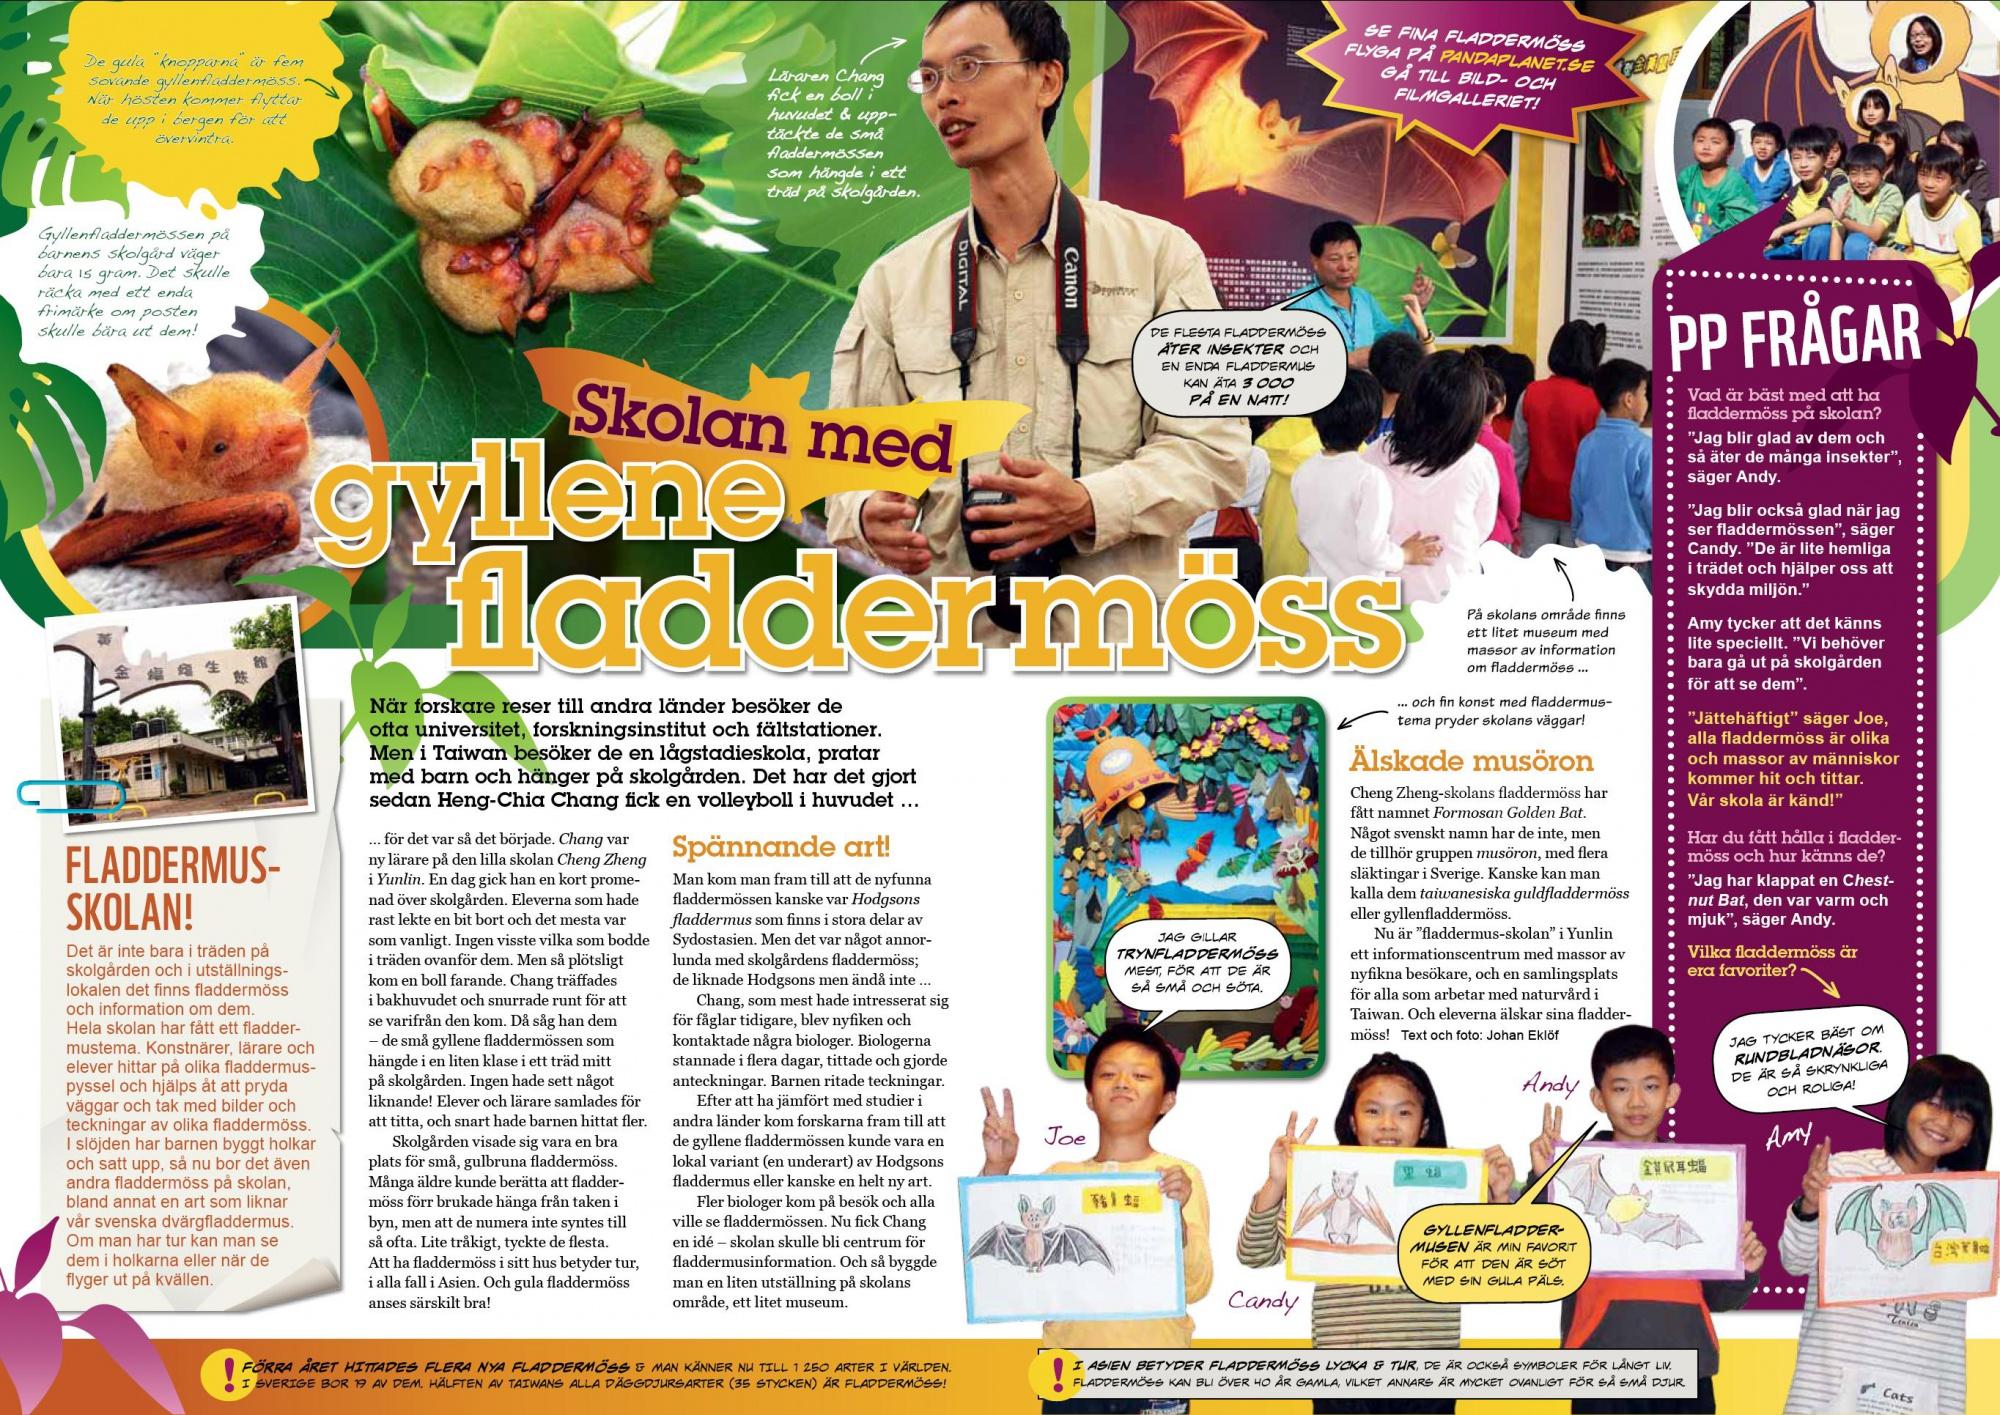 2013年2月歐洲WWF貓熊雜誌對張老師和蝙蝠館的報導